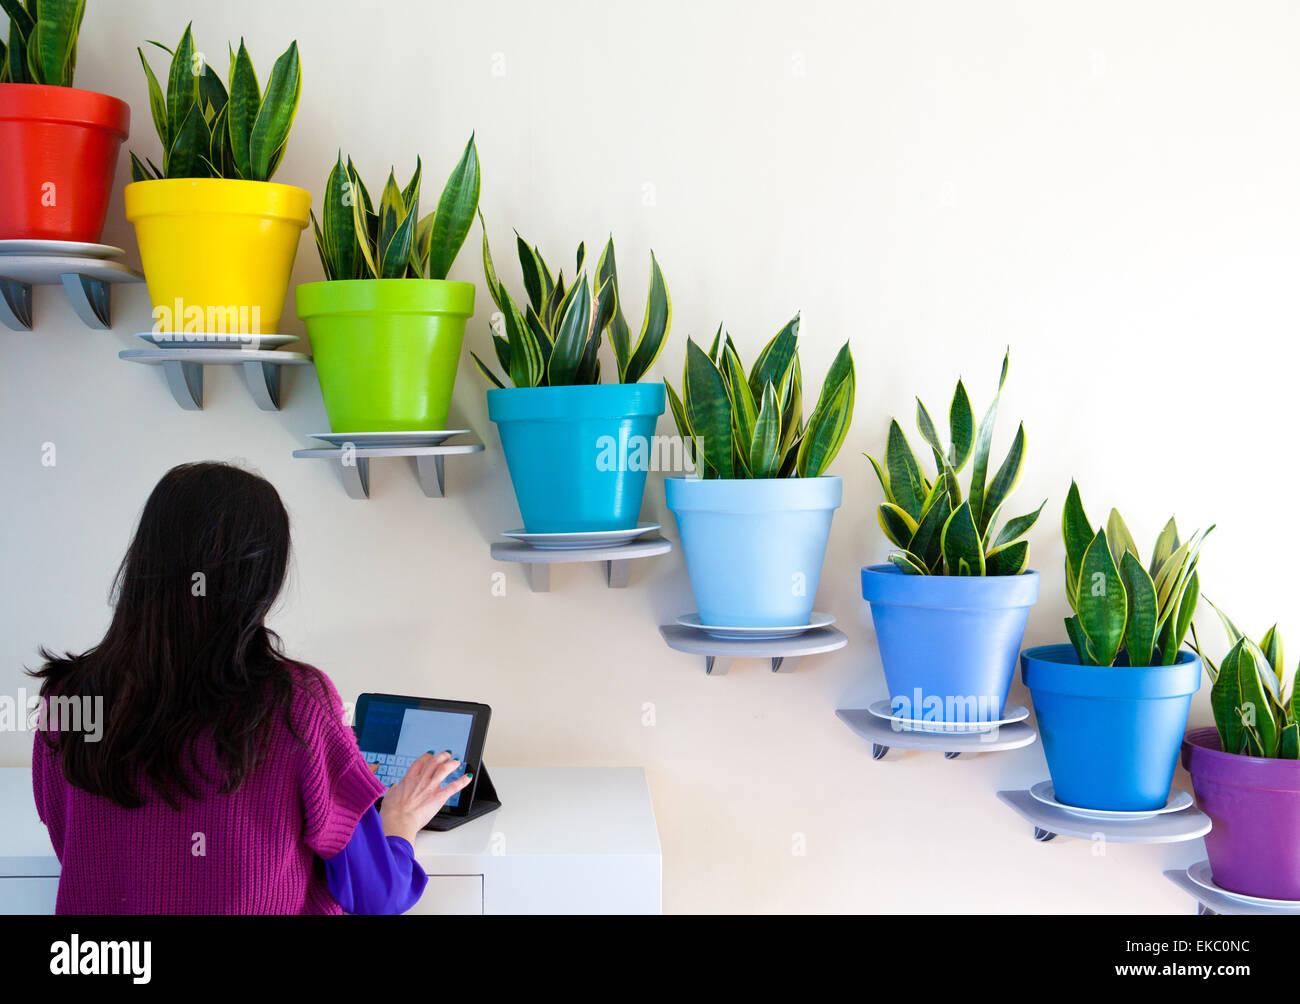 Vista posteriore della donna con tavoletta digitale nella parte anteriore della fila diagonale di piante in vaso Immagini Stock